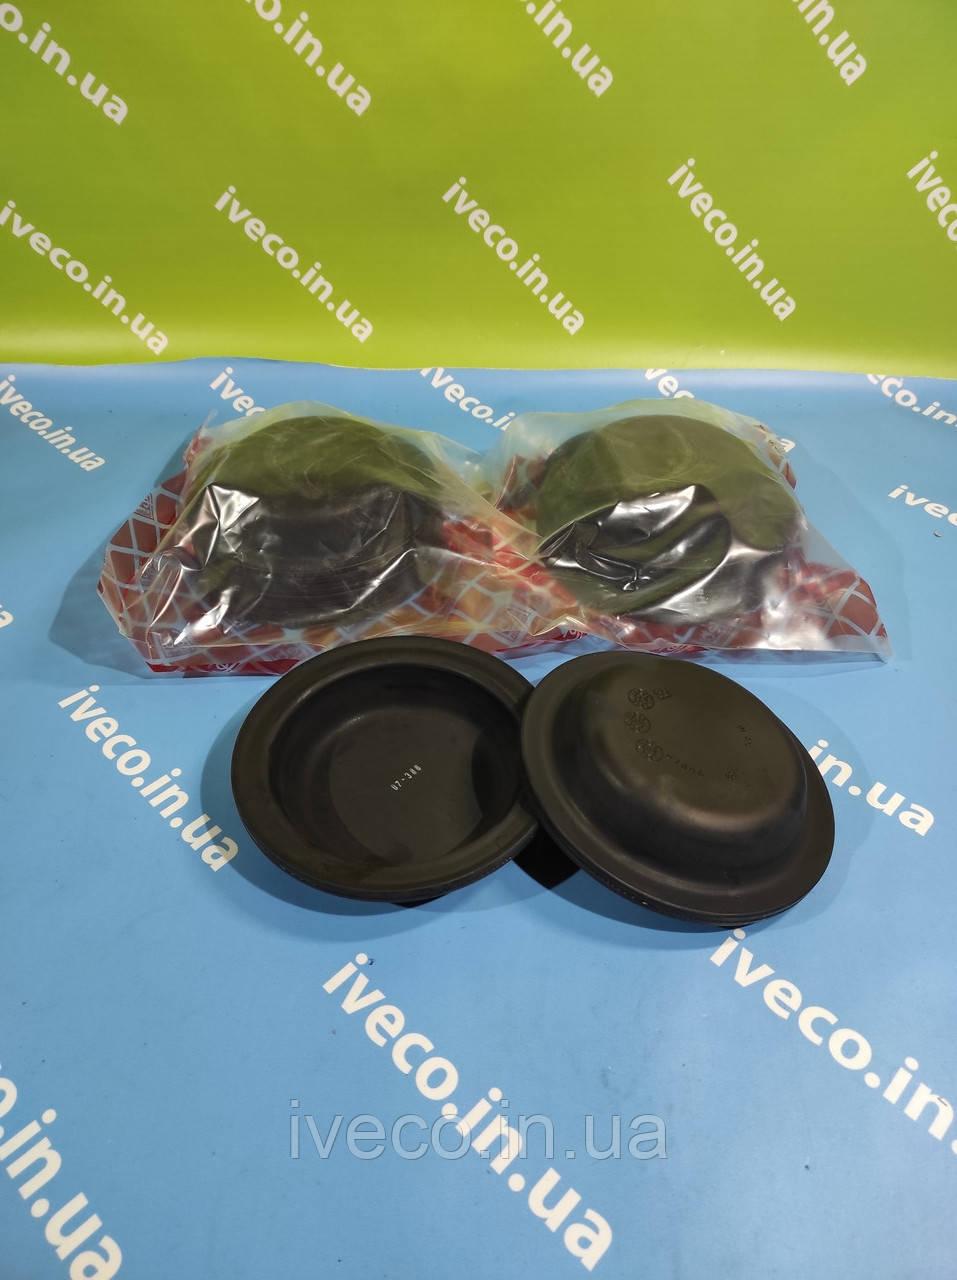 Диафрагма энергоаккумулятора пневмокамеры тип 16 мелкая 160342 0004212986 FE07096 8971205104 6944207218